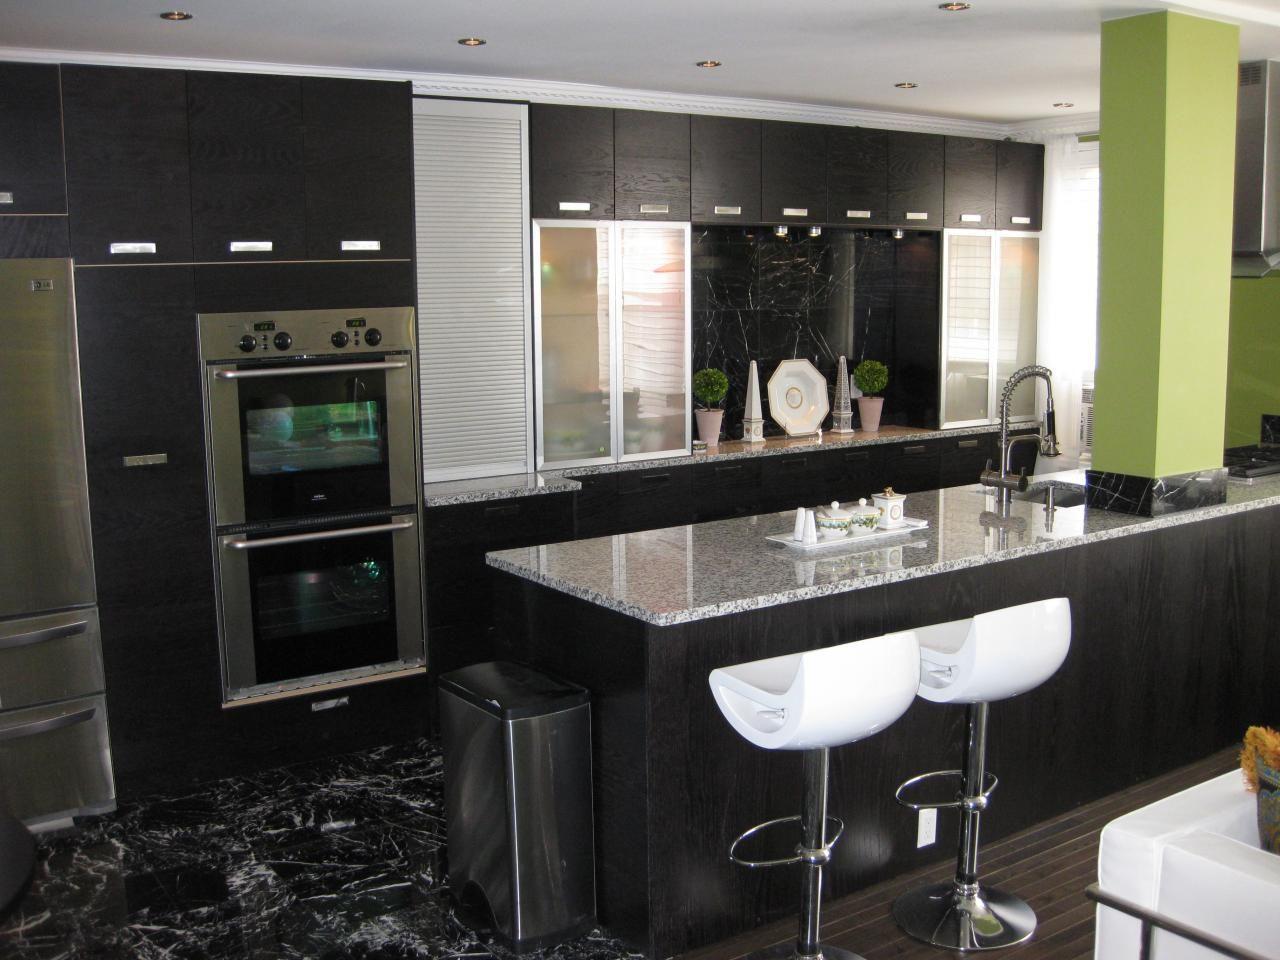 Ideen für die küche in farbe kleine küche farbe ideen  mehr auf unserer website  küche  küche